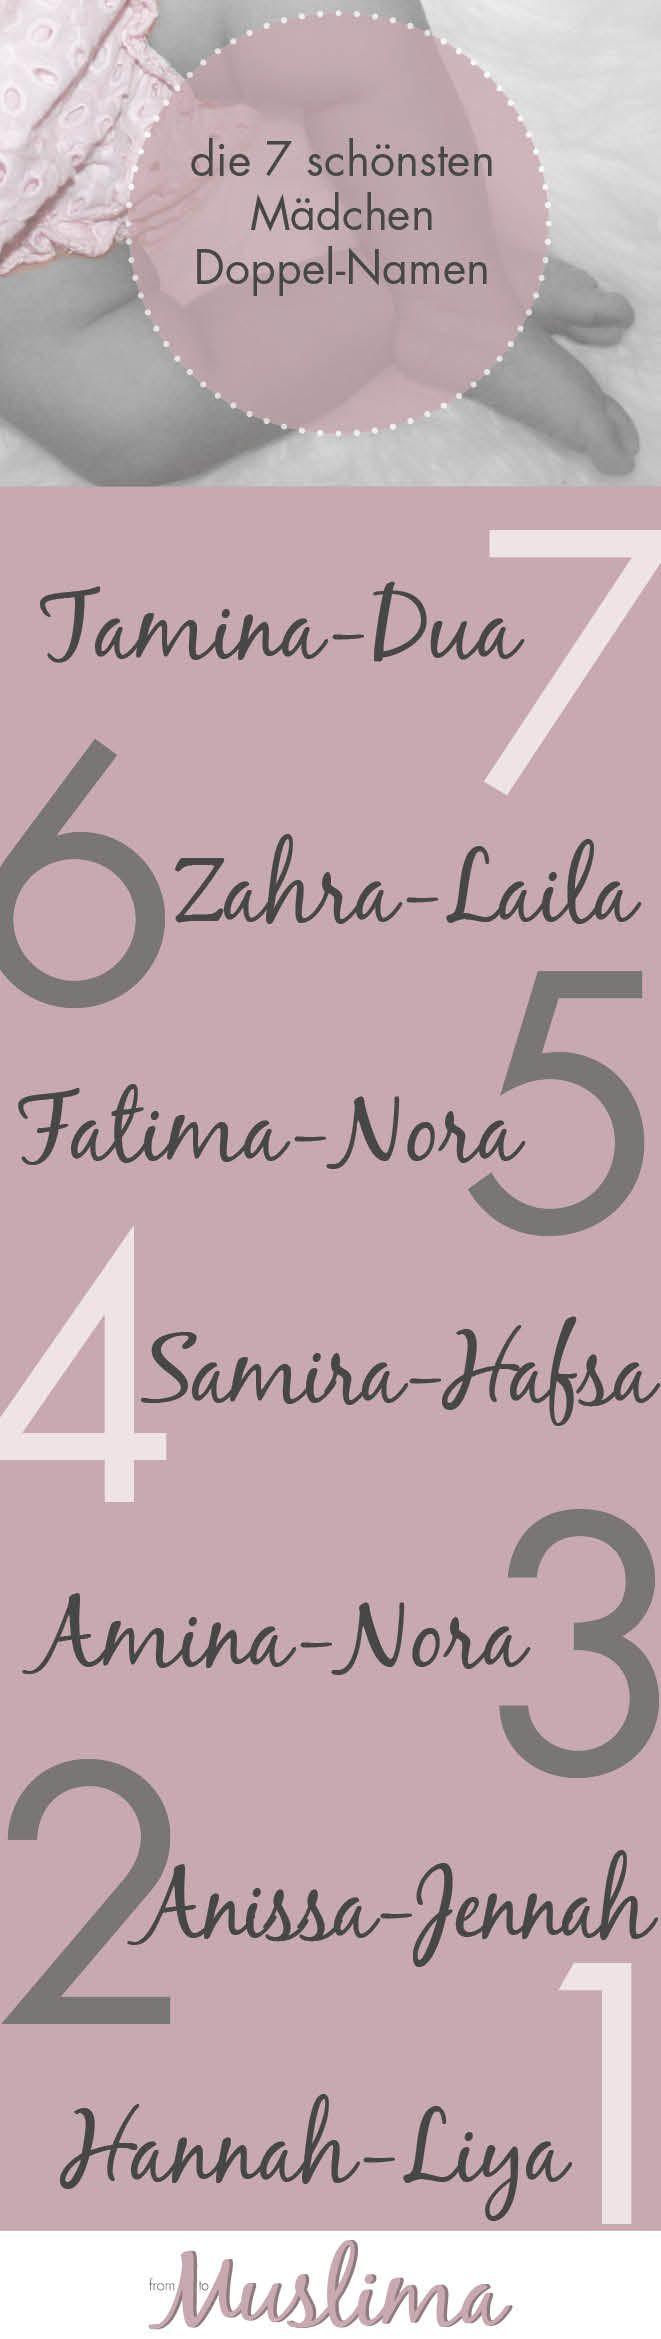 die 7 schönsten Mädchen Doppelnamen, the 7 most beautiful double names for girls, islamis names, muslim names, orientalt names, orientalische Namen, islamische Namen, Mädchennamen